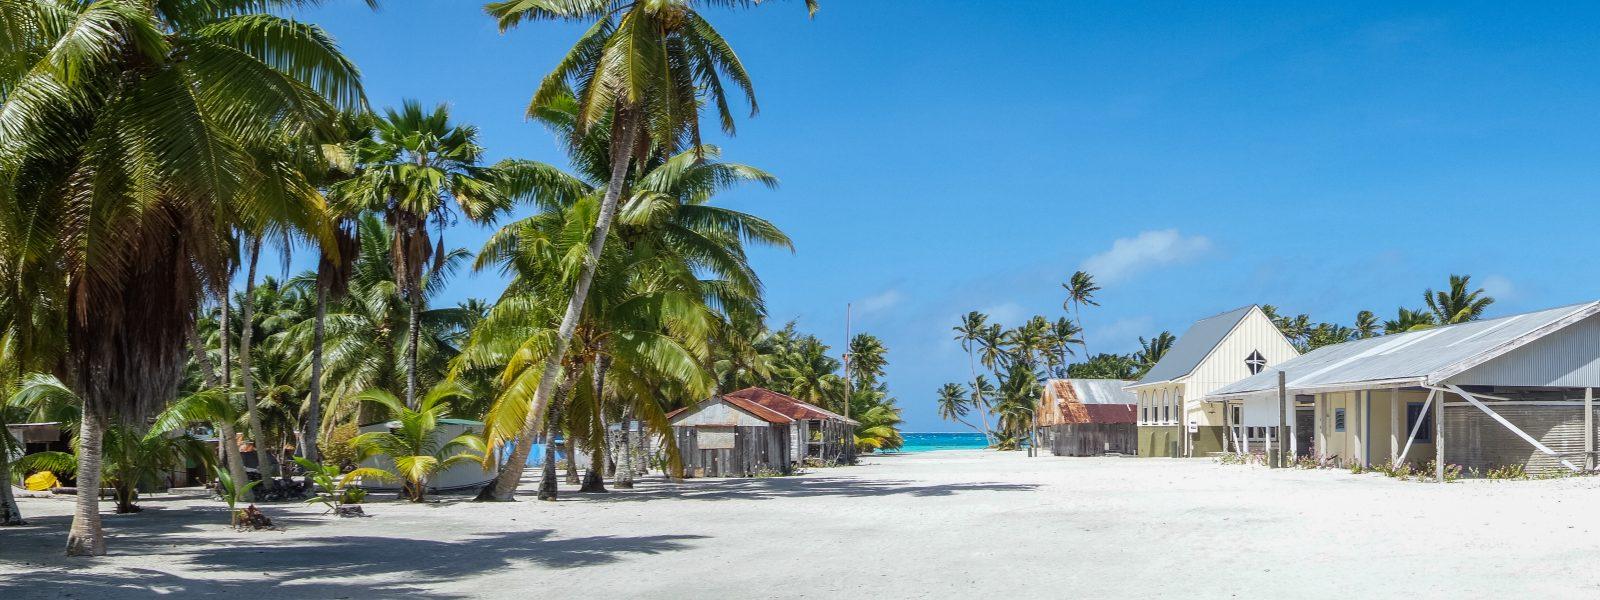 Palmerston Island – Cook Islands